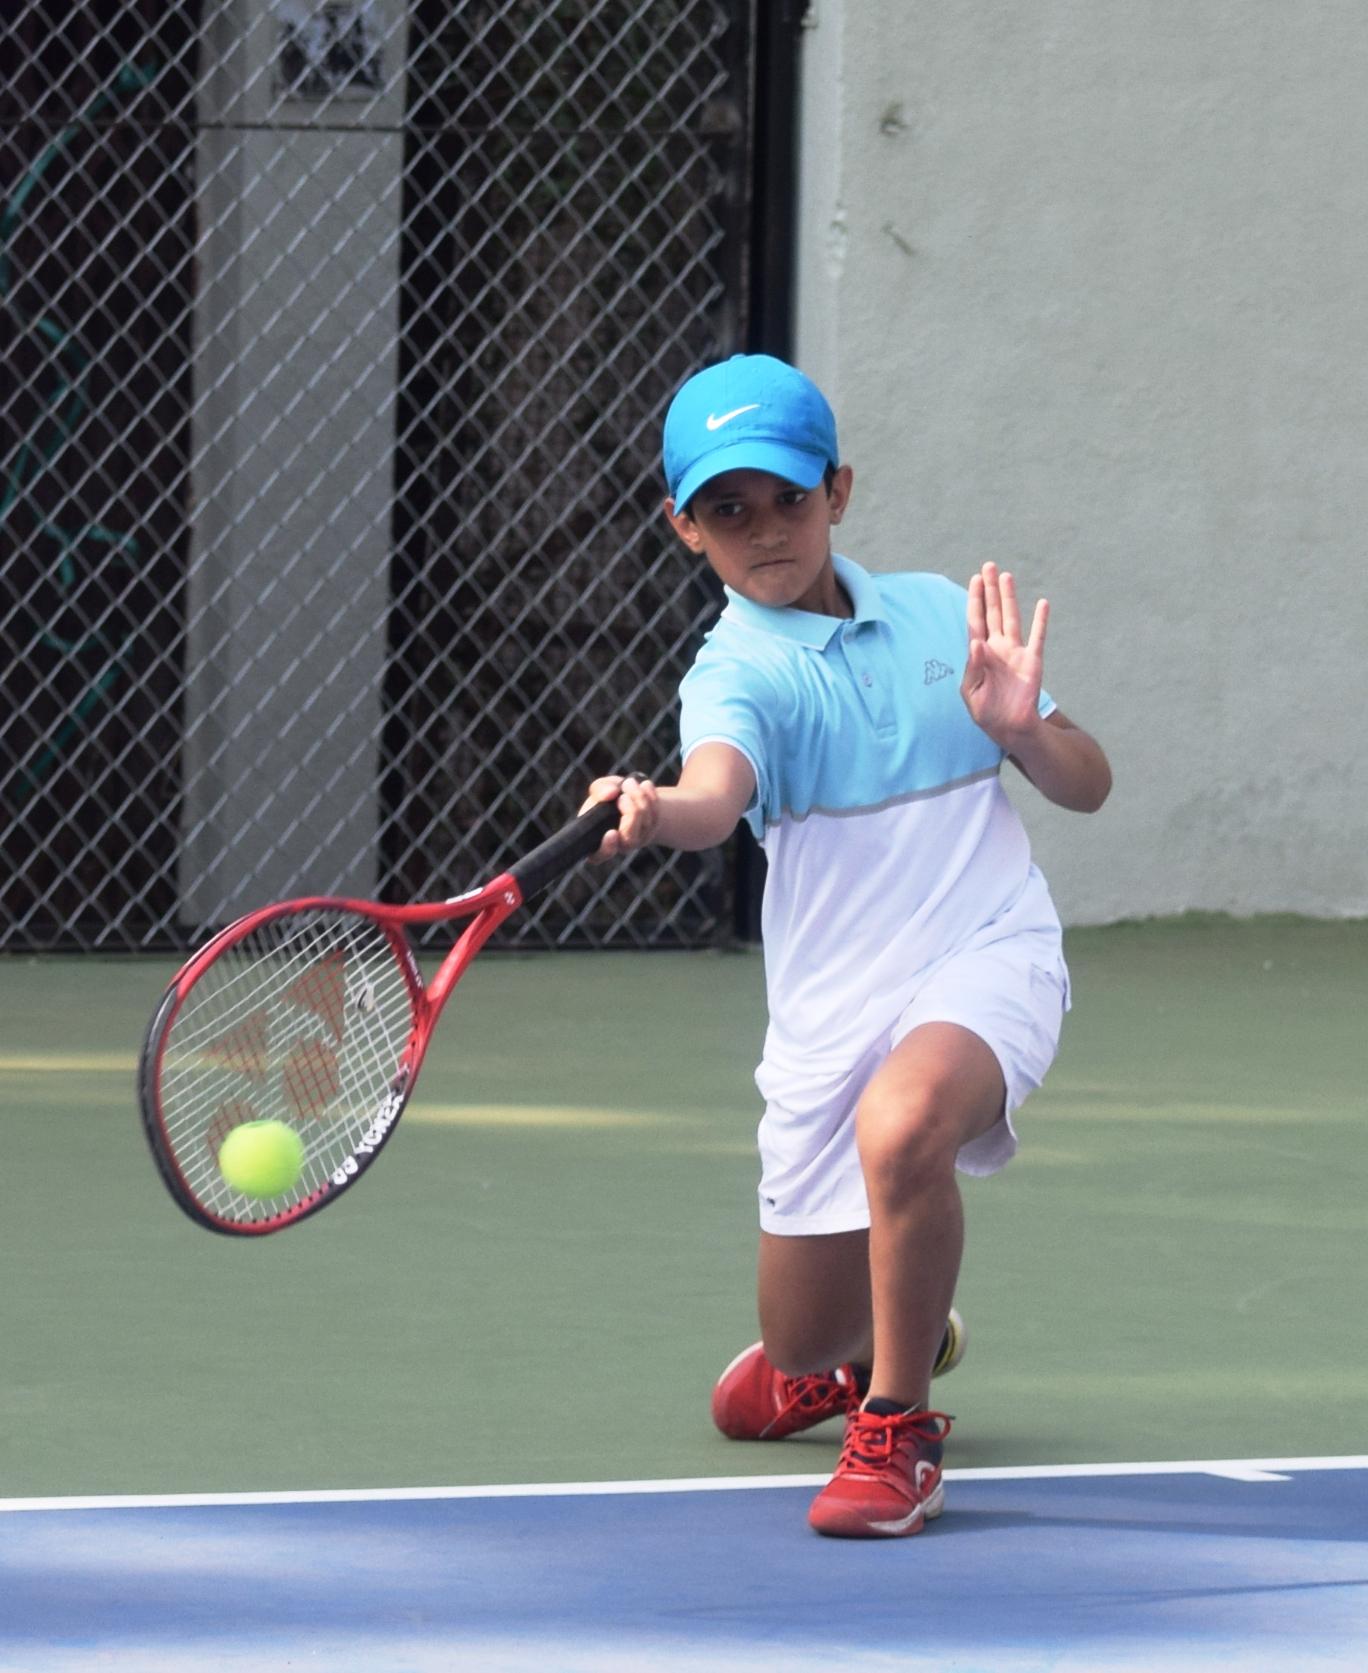 10 वर्षाखालील टेनिस स्पर्धेत आदित्य योगी, मिहीर कदम, अंशूल पुजारी यांची आगेकूच